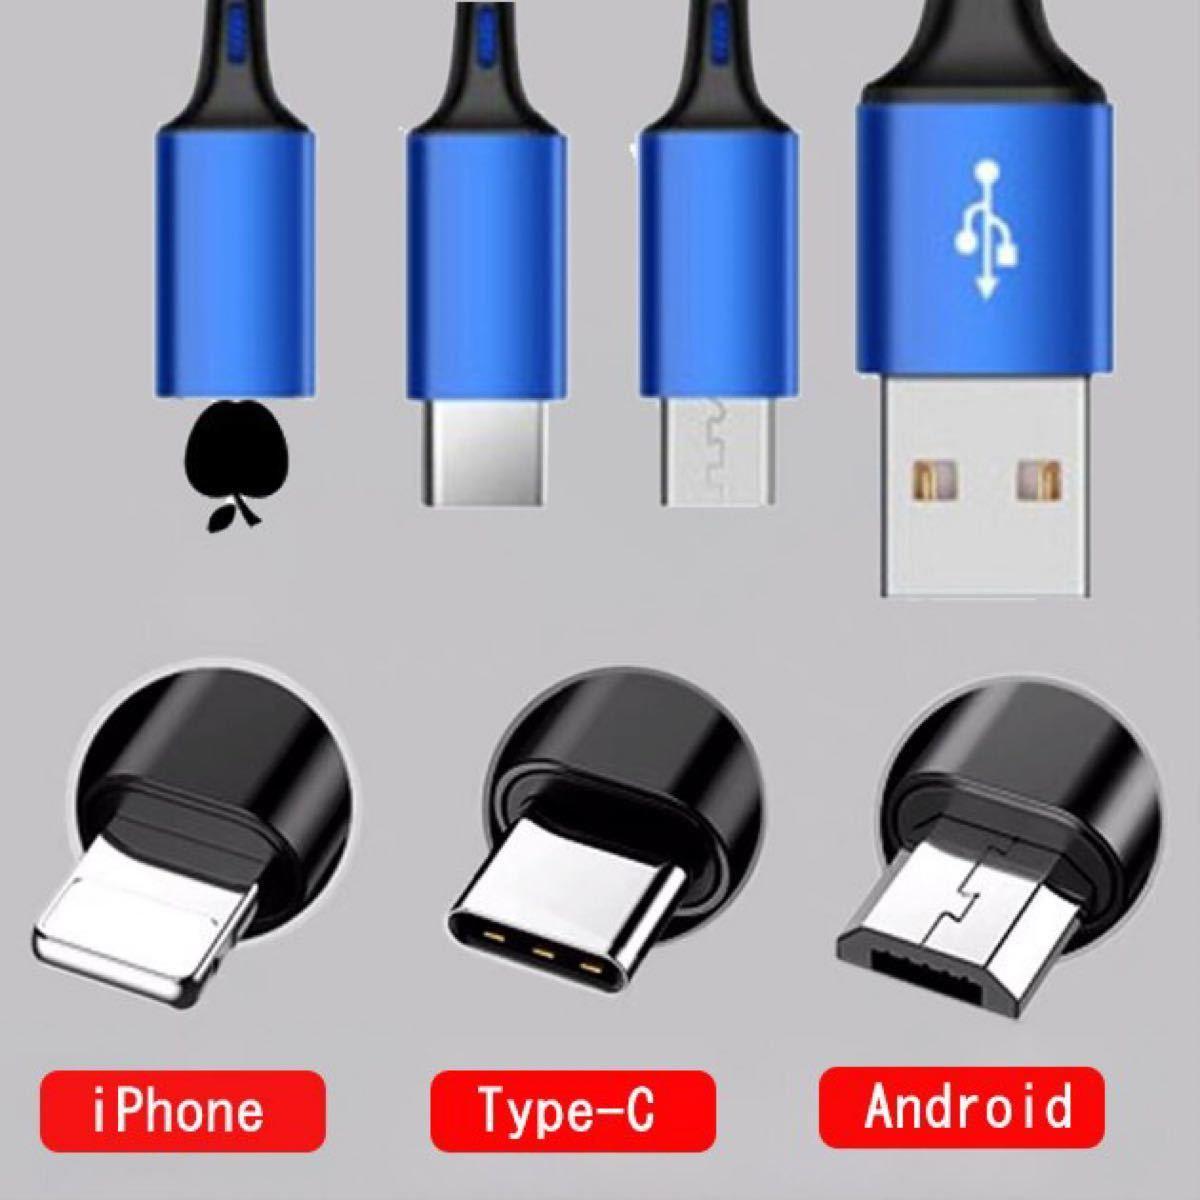 充電ケーブル 3in1 ナイロン 3本セット断線防止 iPhone Micro Type-C 3台同時充電  ライトニングケーブル